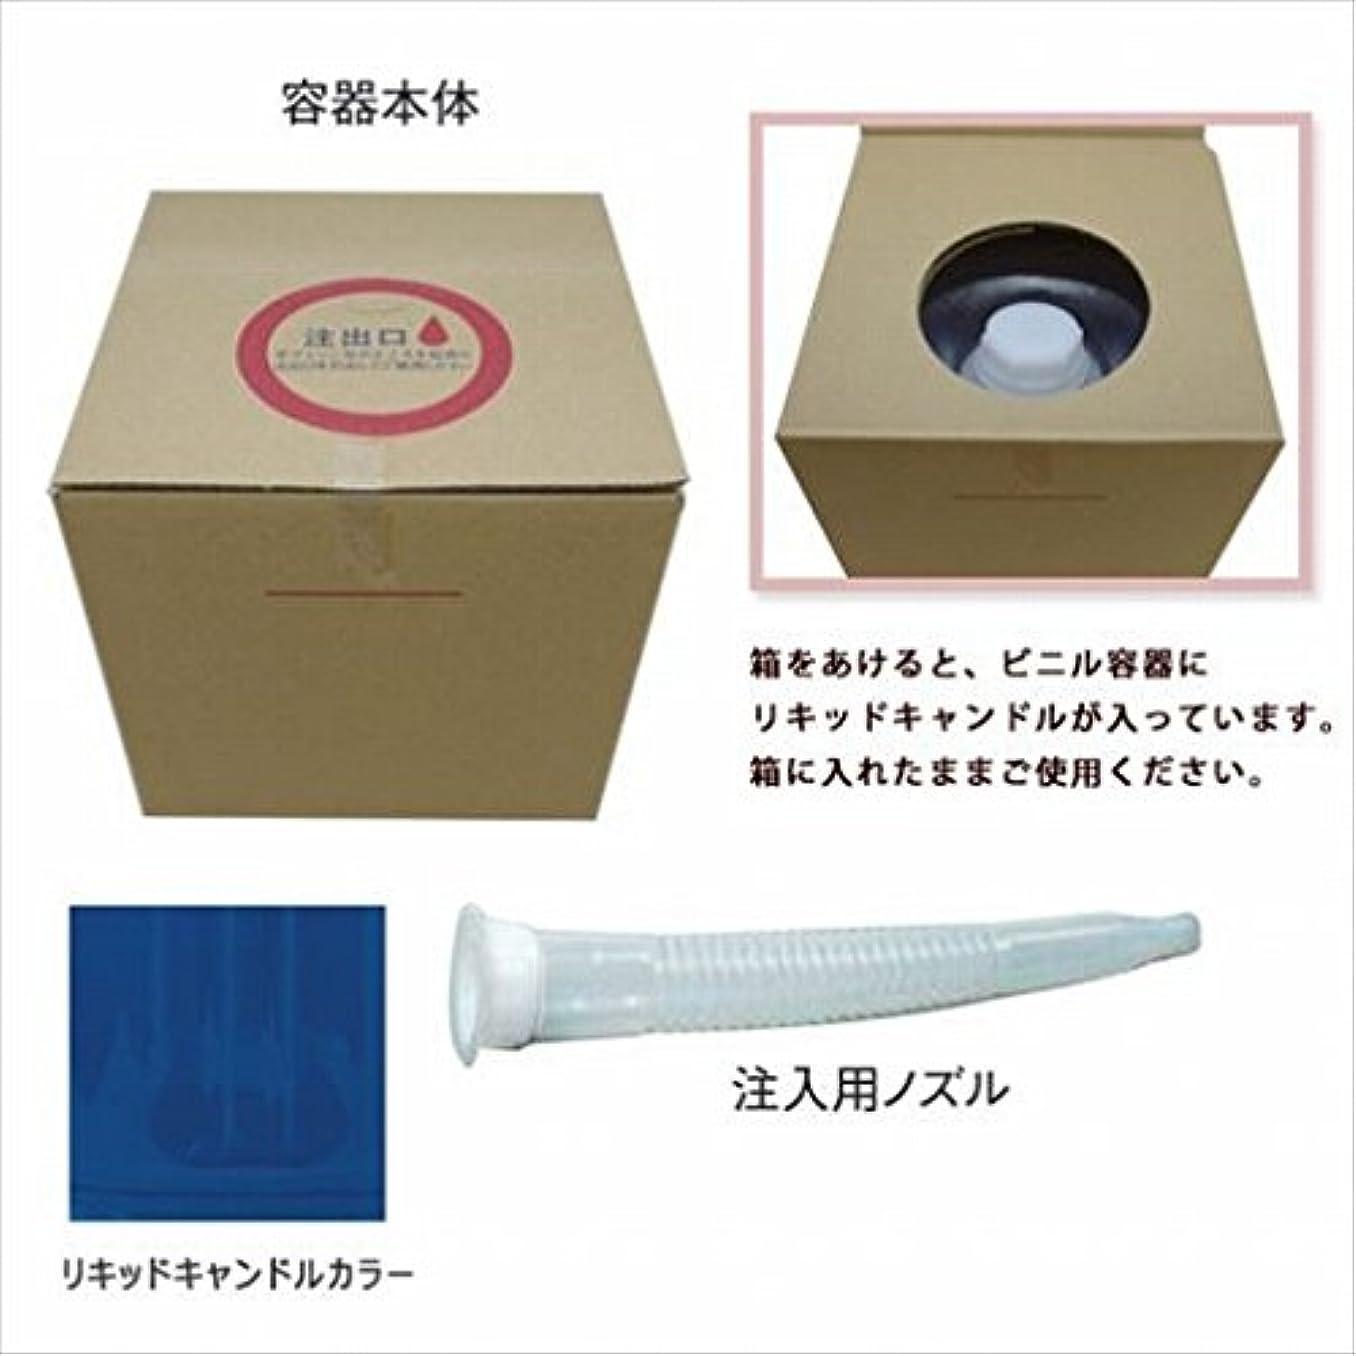 形容詞貸し手タイルカメヤマキャンドル( kameyama candle ) リキッドキャンドル5リットル 「 ブルー 」